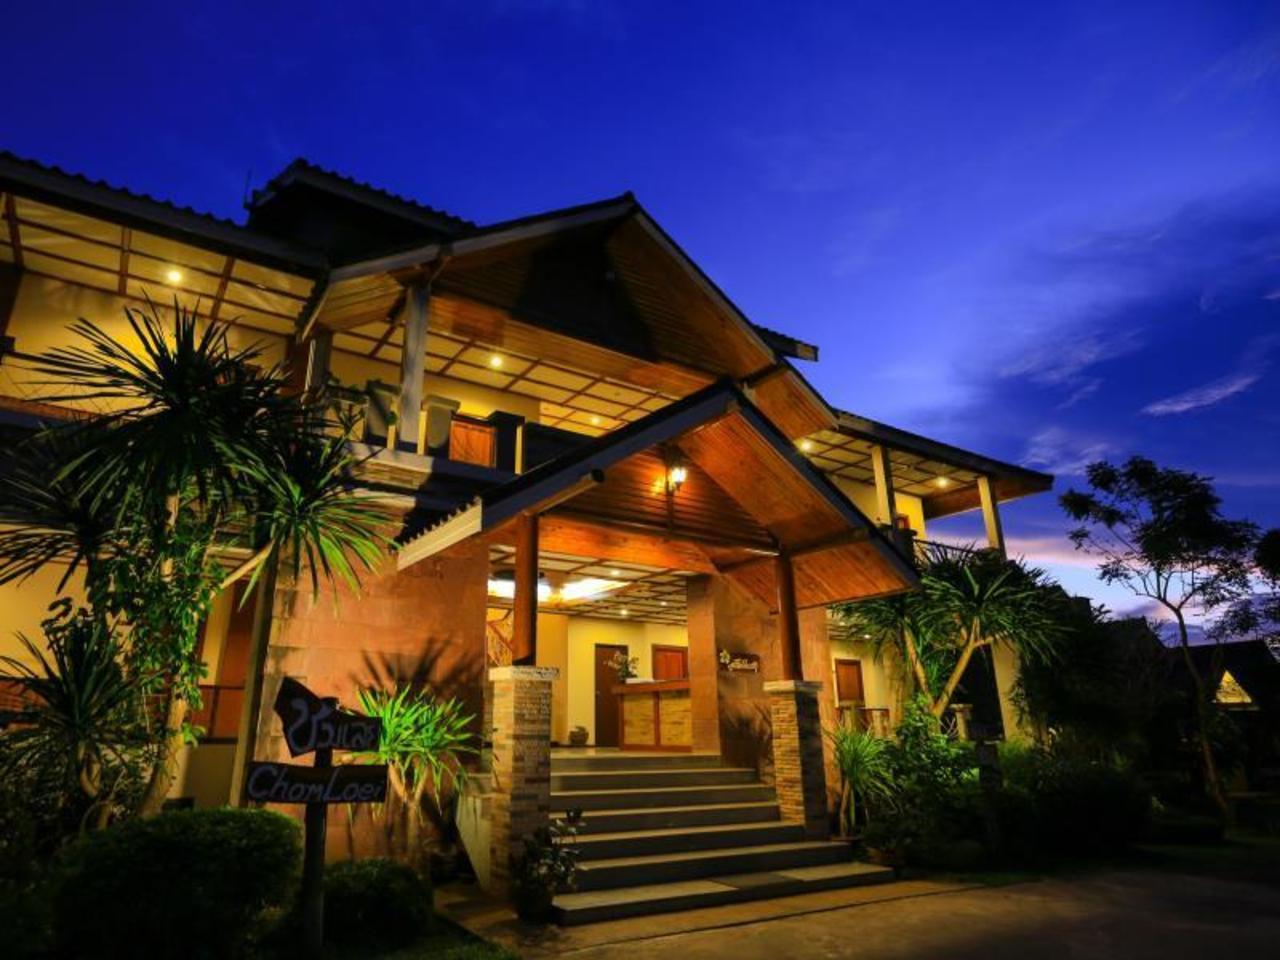 ภูเรือ รีสอร์ท (Phurua Resort)